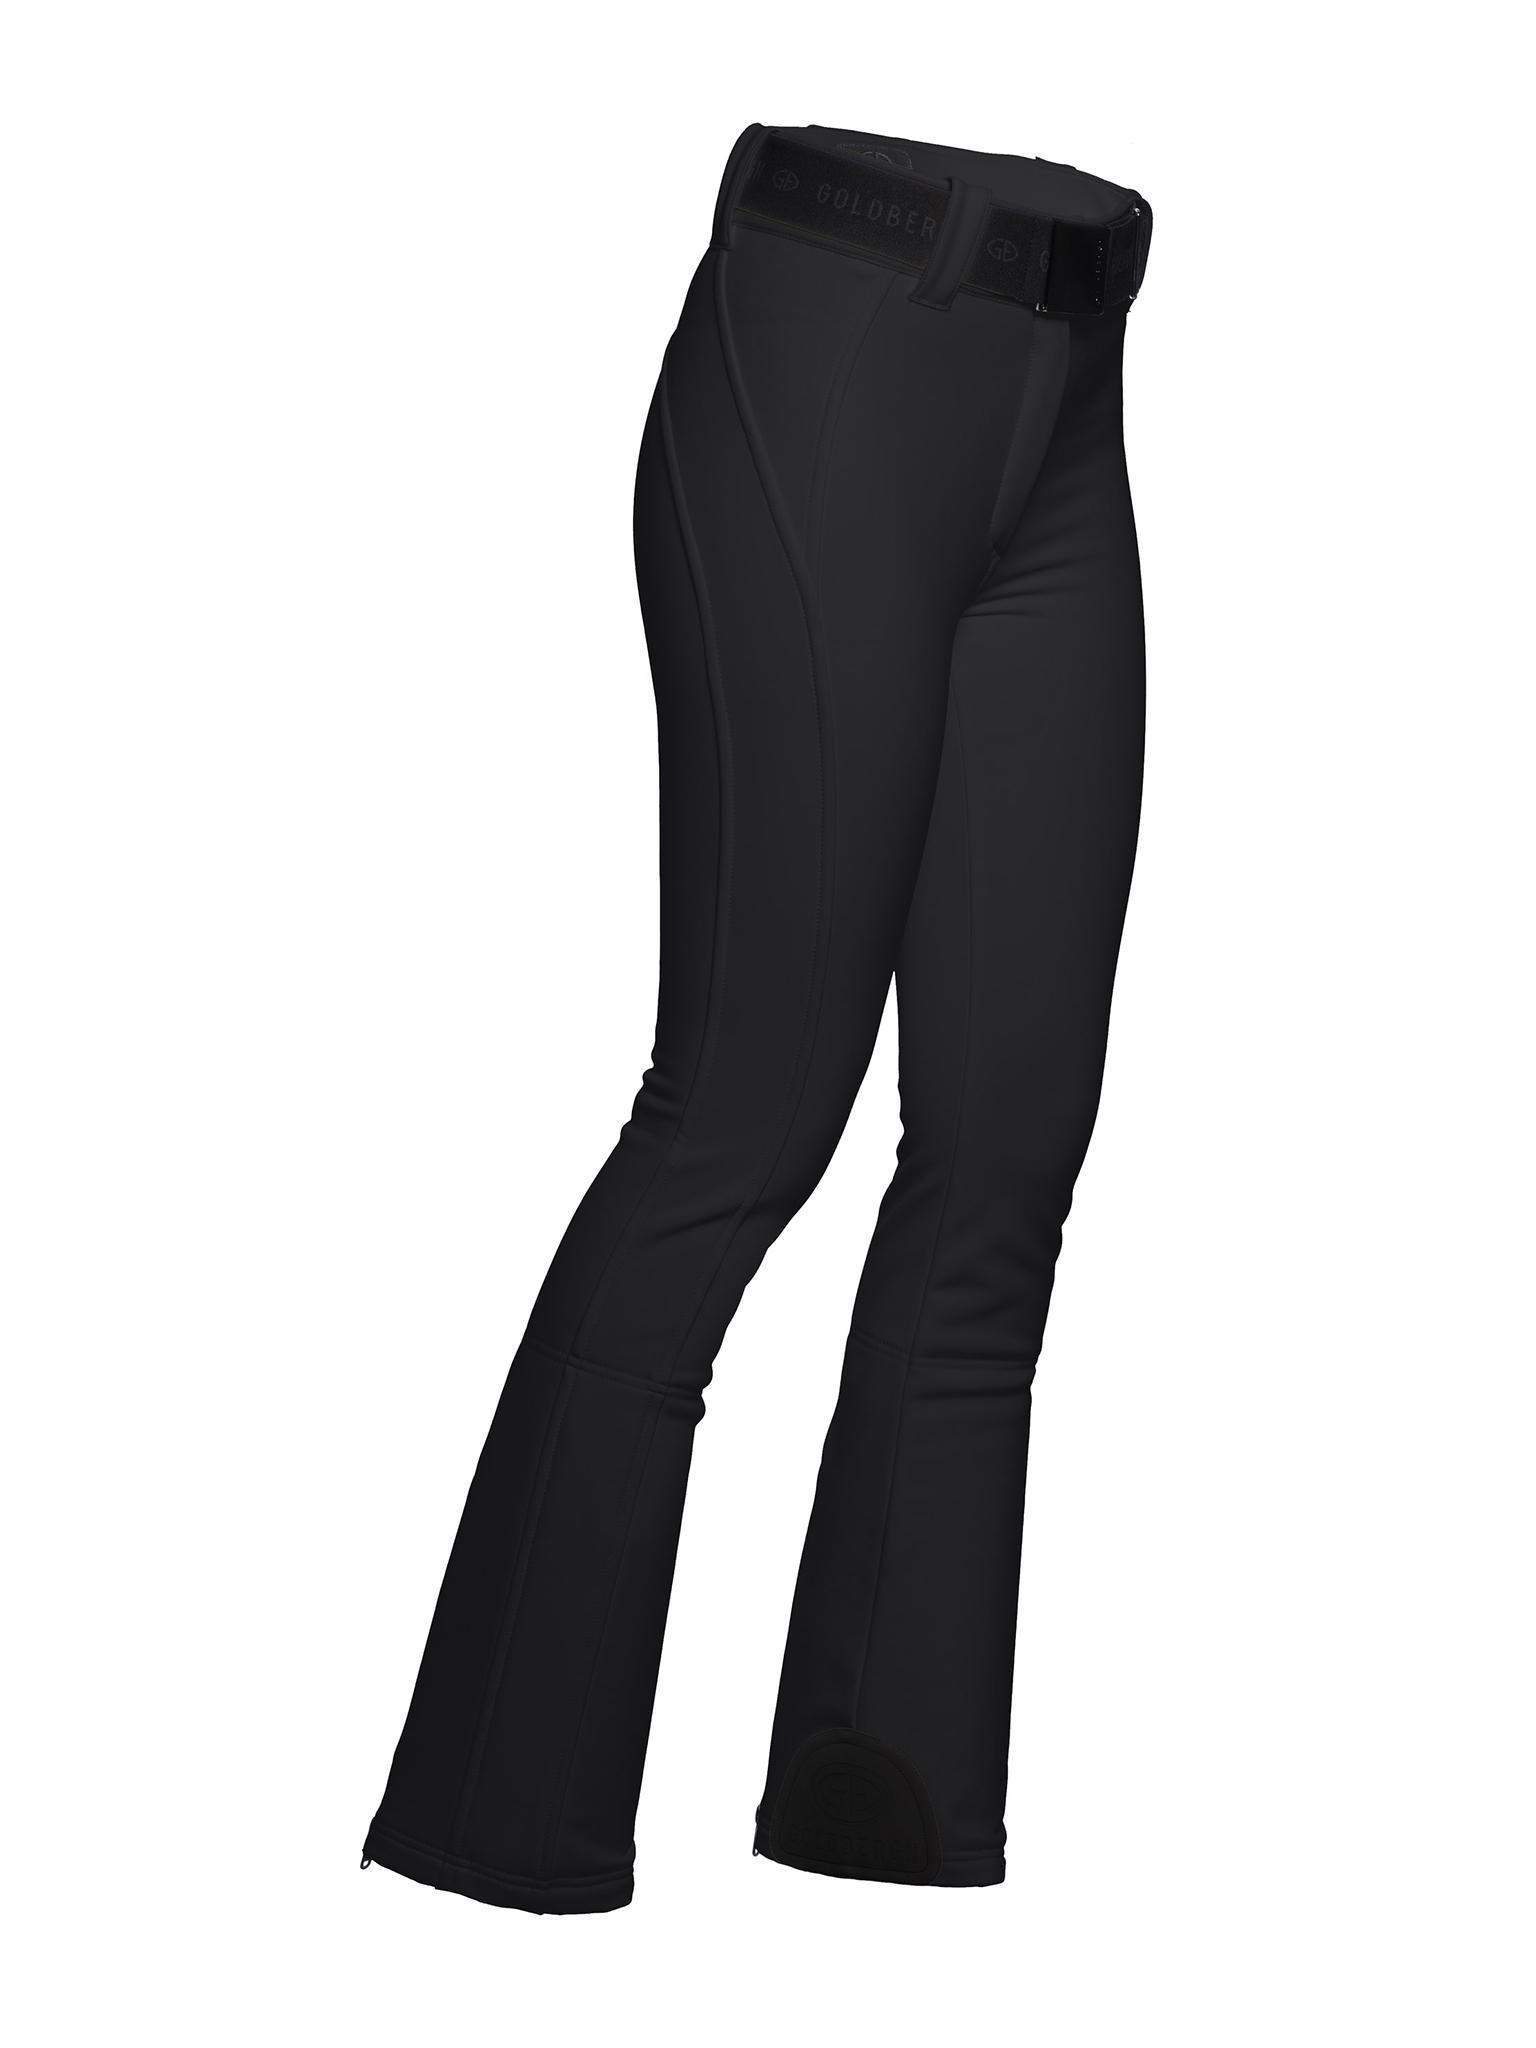 Zwarte dames ski broek Goldbergh - Pippa - GB0170193-900